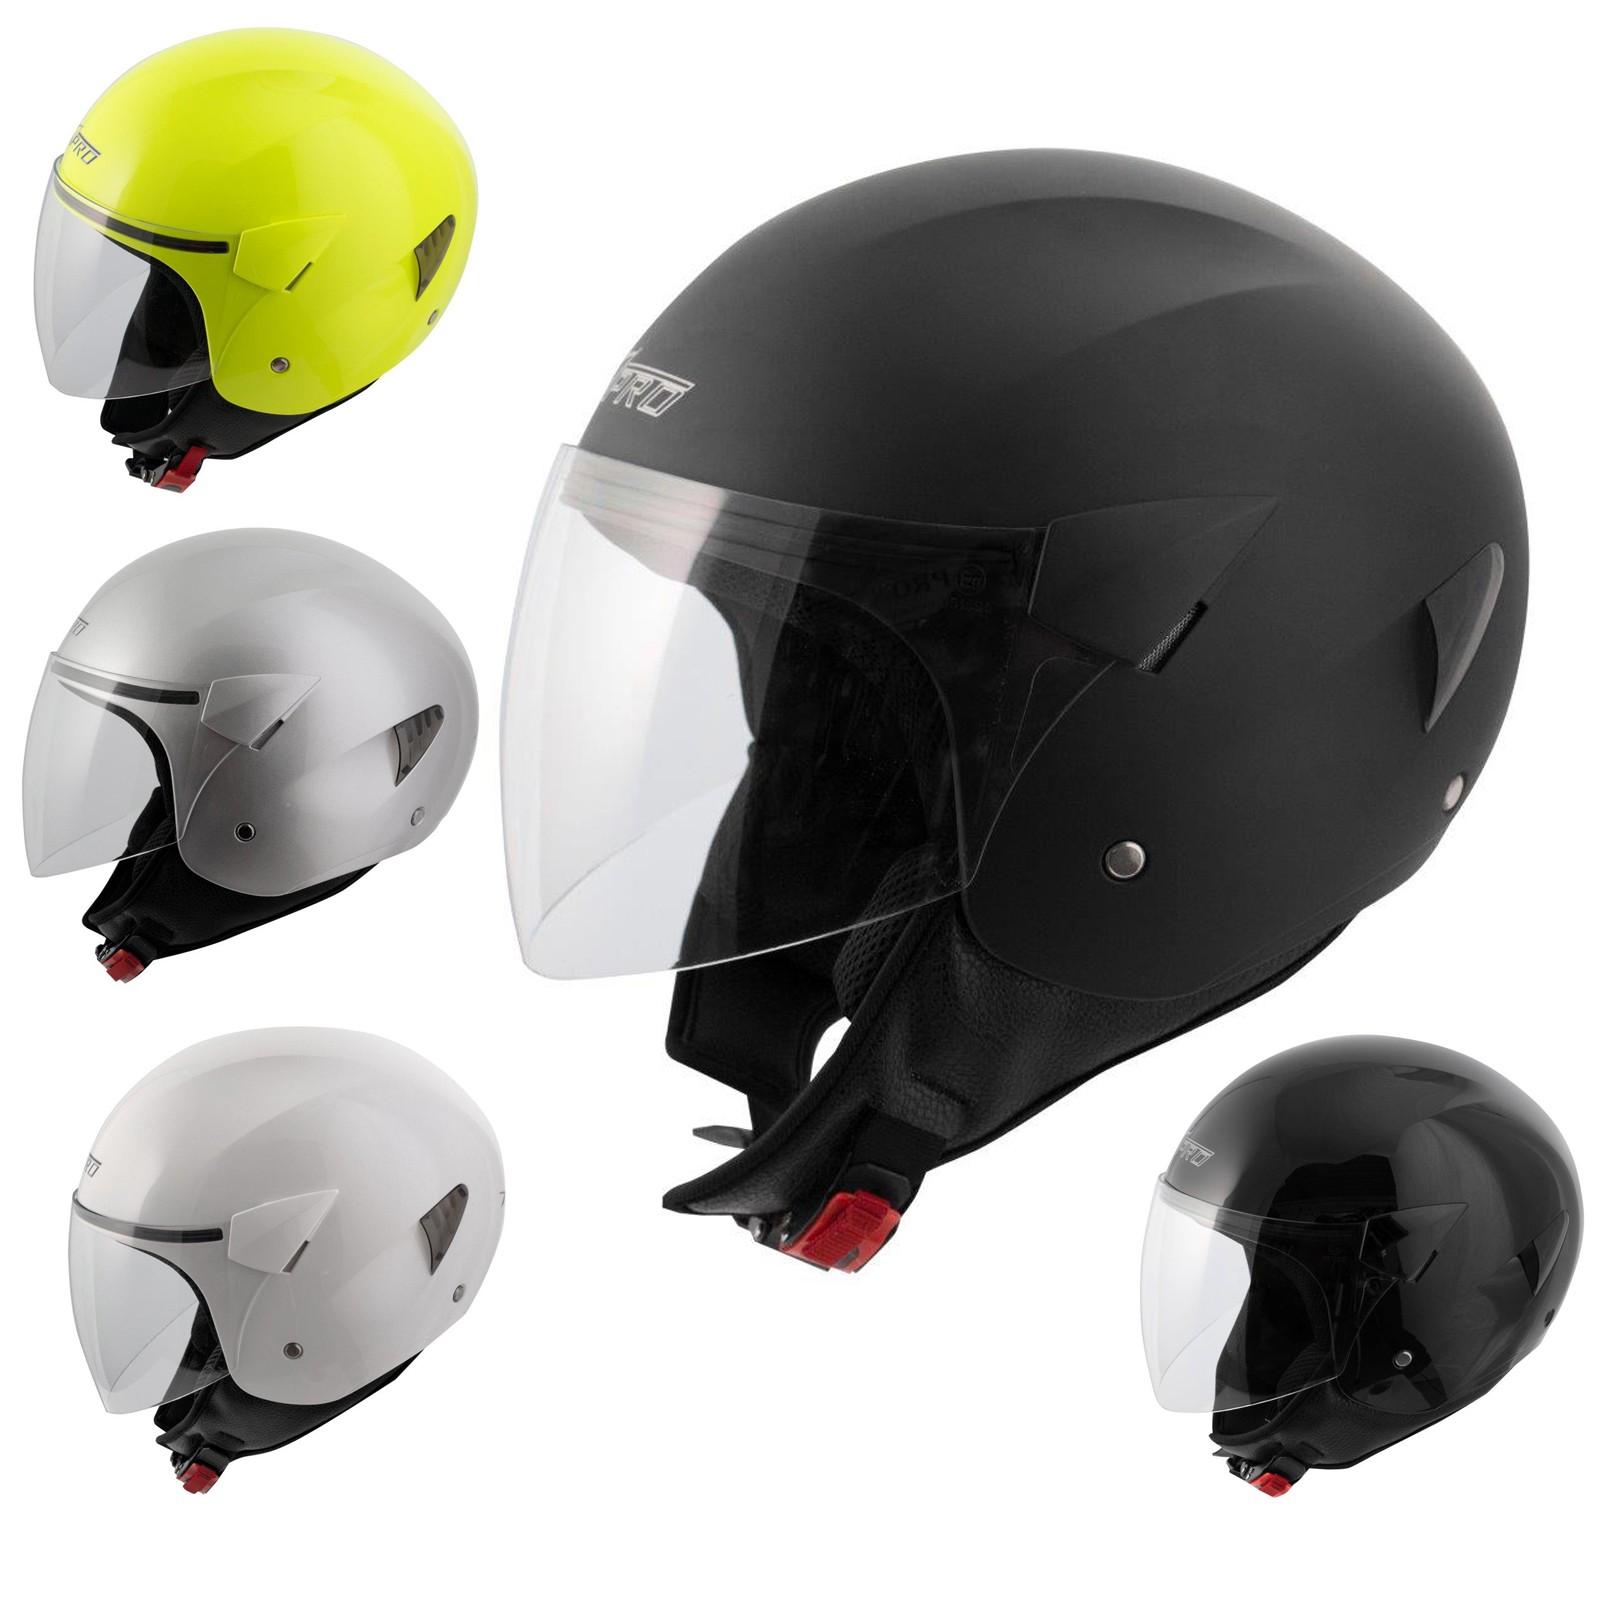 abbigliamento moto e accessori casco jet scooter moto. Black Bedroom Furniture Sets. Home Design Ideas